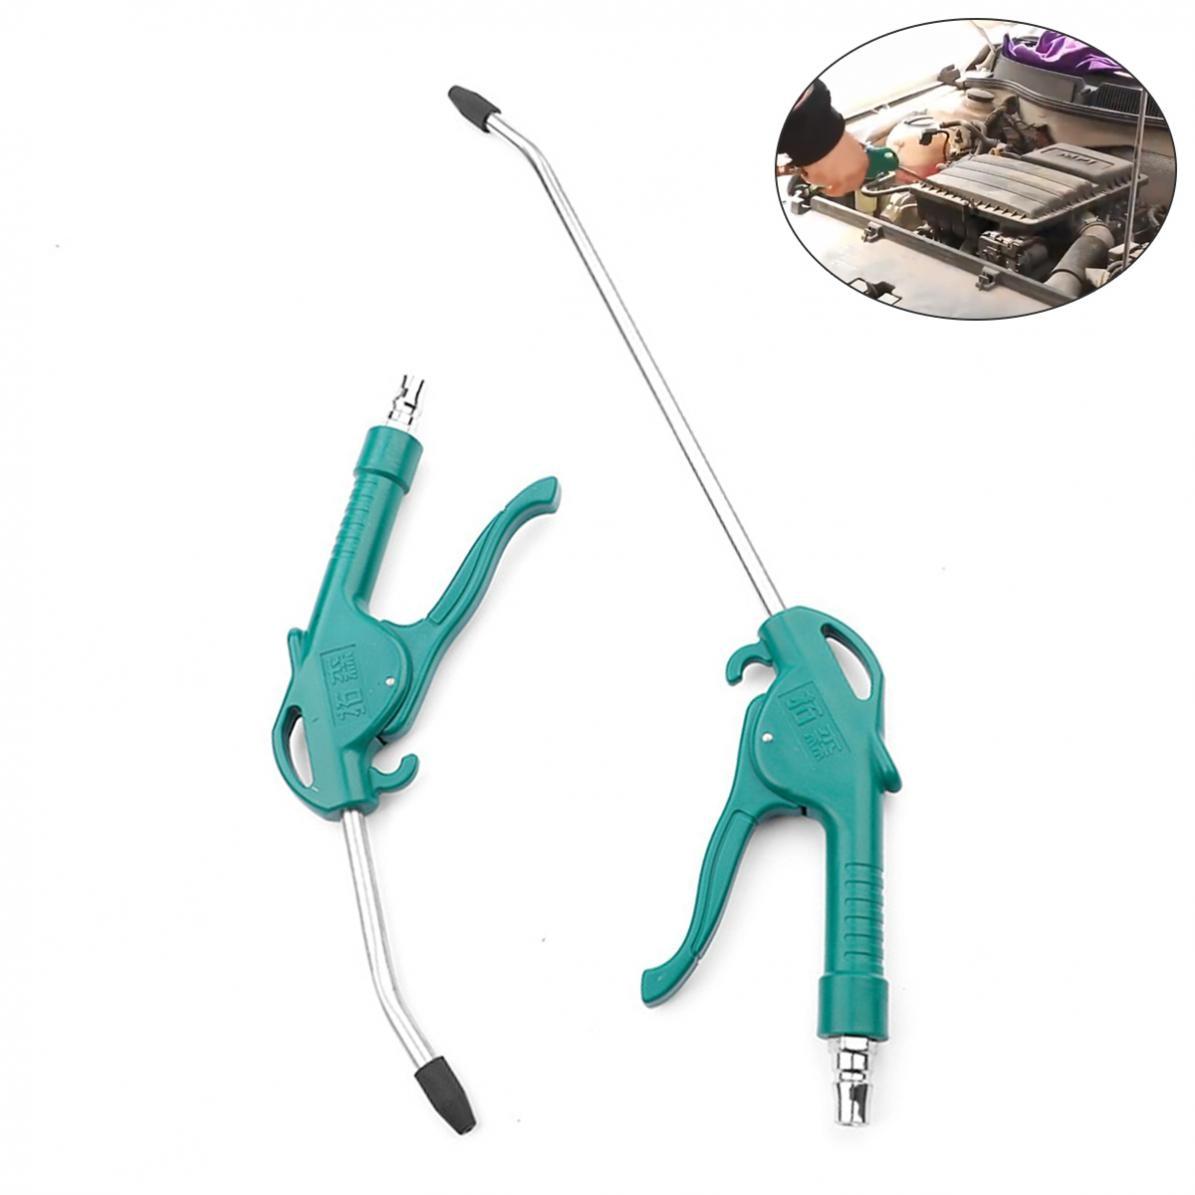 Pistola de Sopro de ar Compressor de pó Ferramenta de Limpeza para Compressor de ar Arma de Sopro Gatilho Mais Limpo Soprador Bico Novo